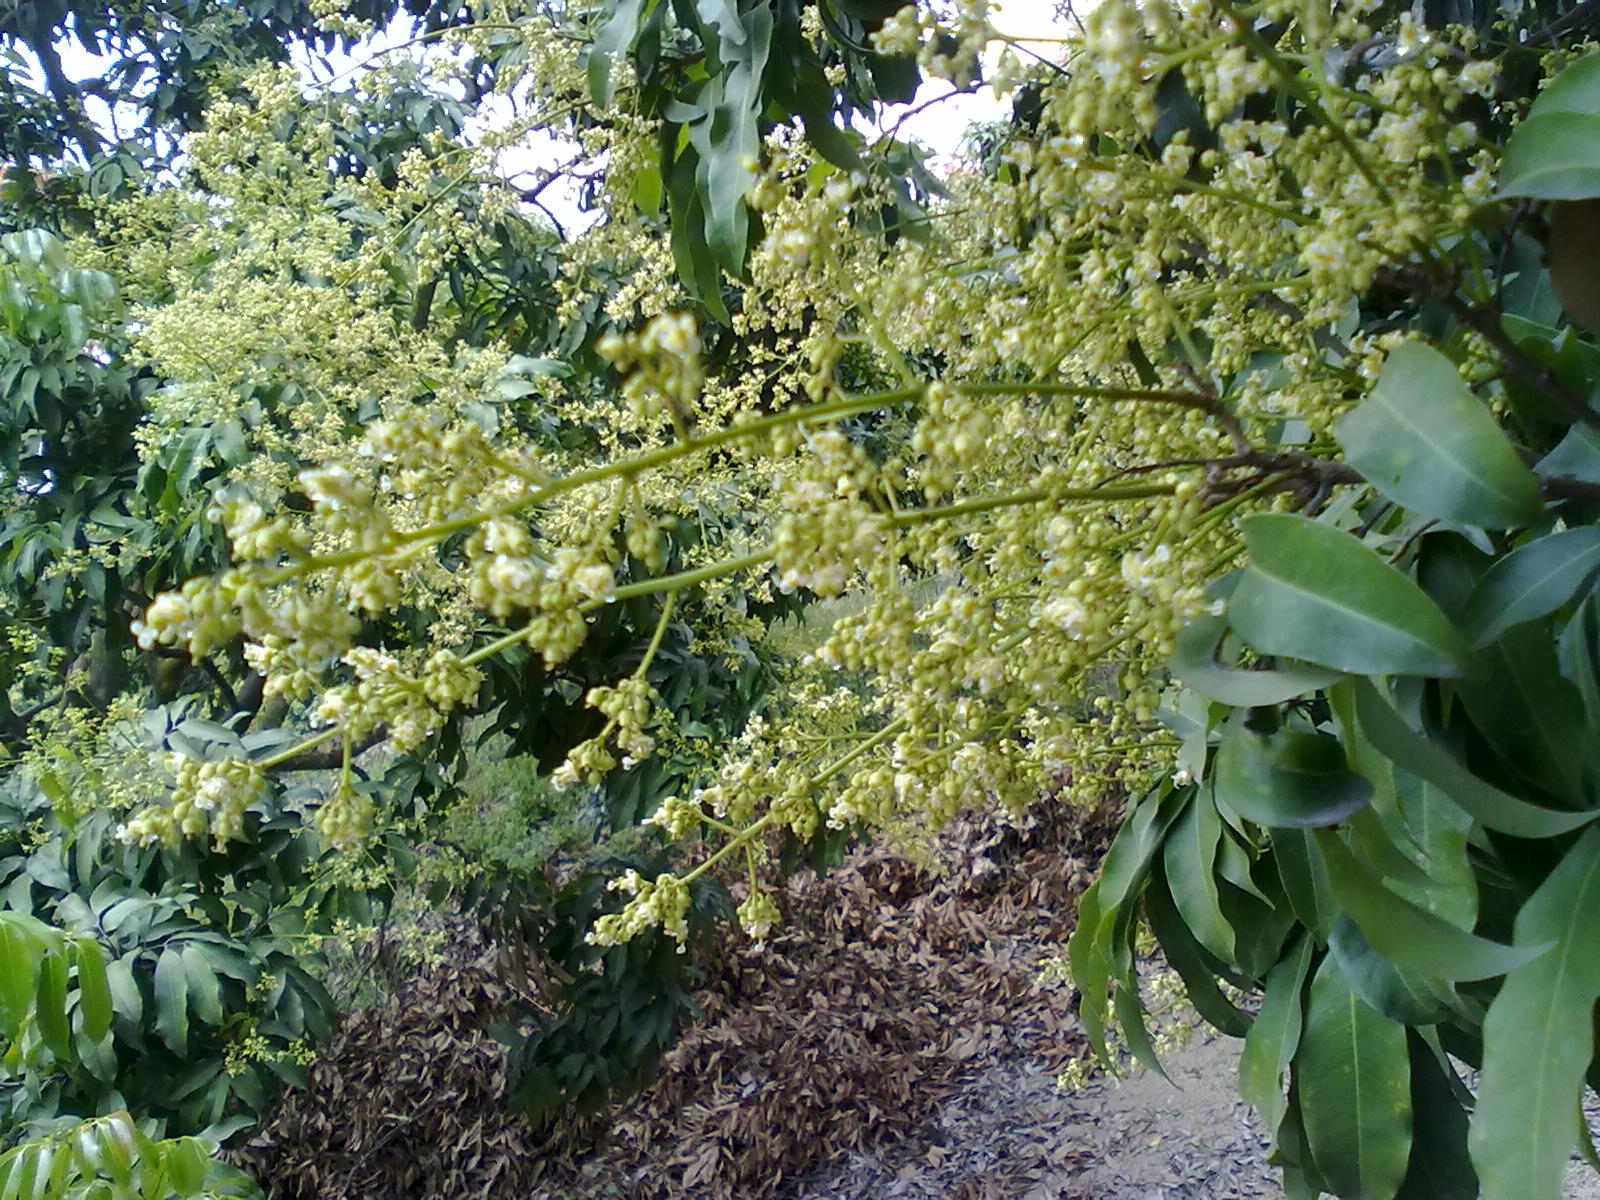 荔枝花上的荔枝蜜